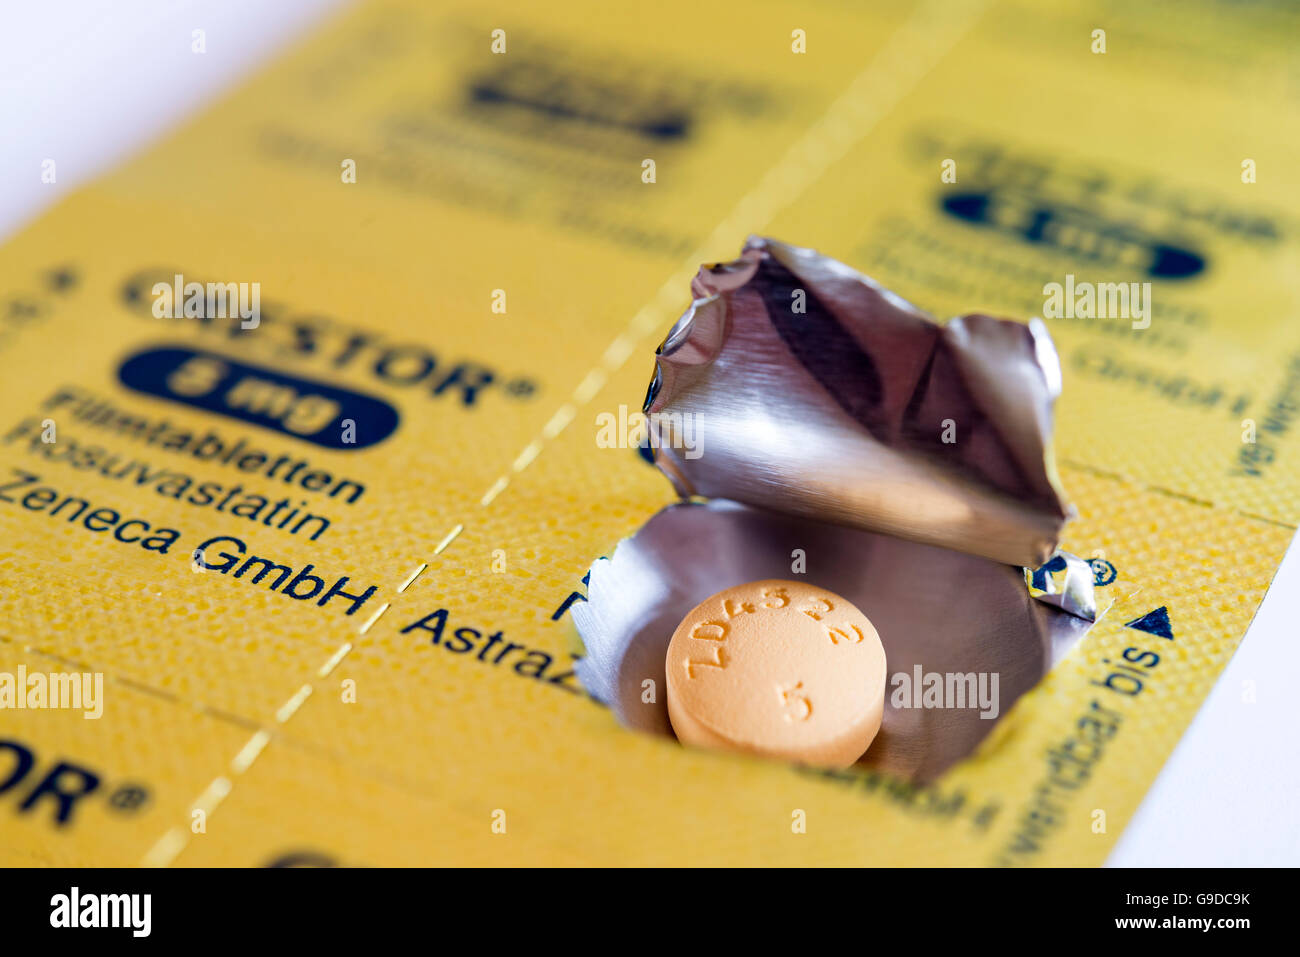 Folie-Blister-Packung für Crestor gebrandmarkt Statine Cholesterin Pillen. Stockbild